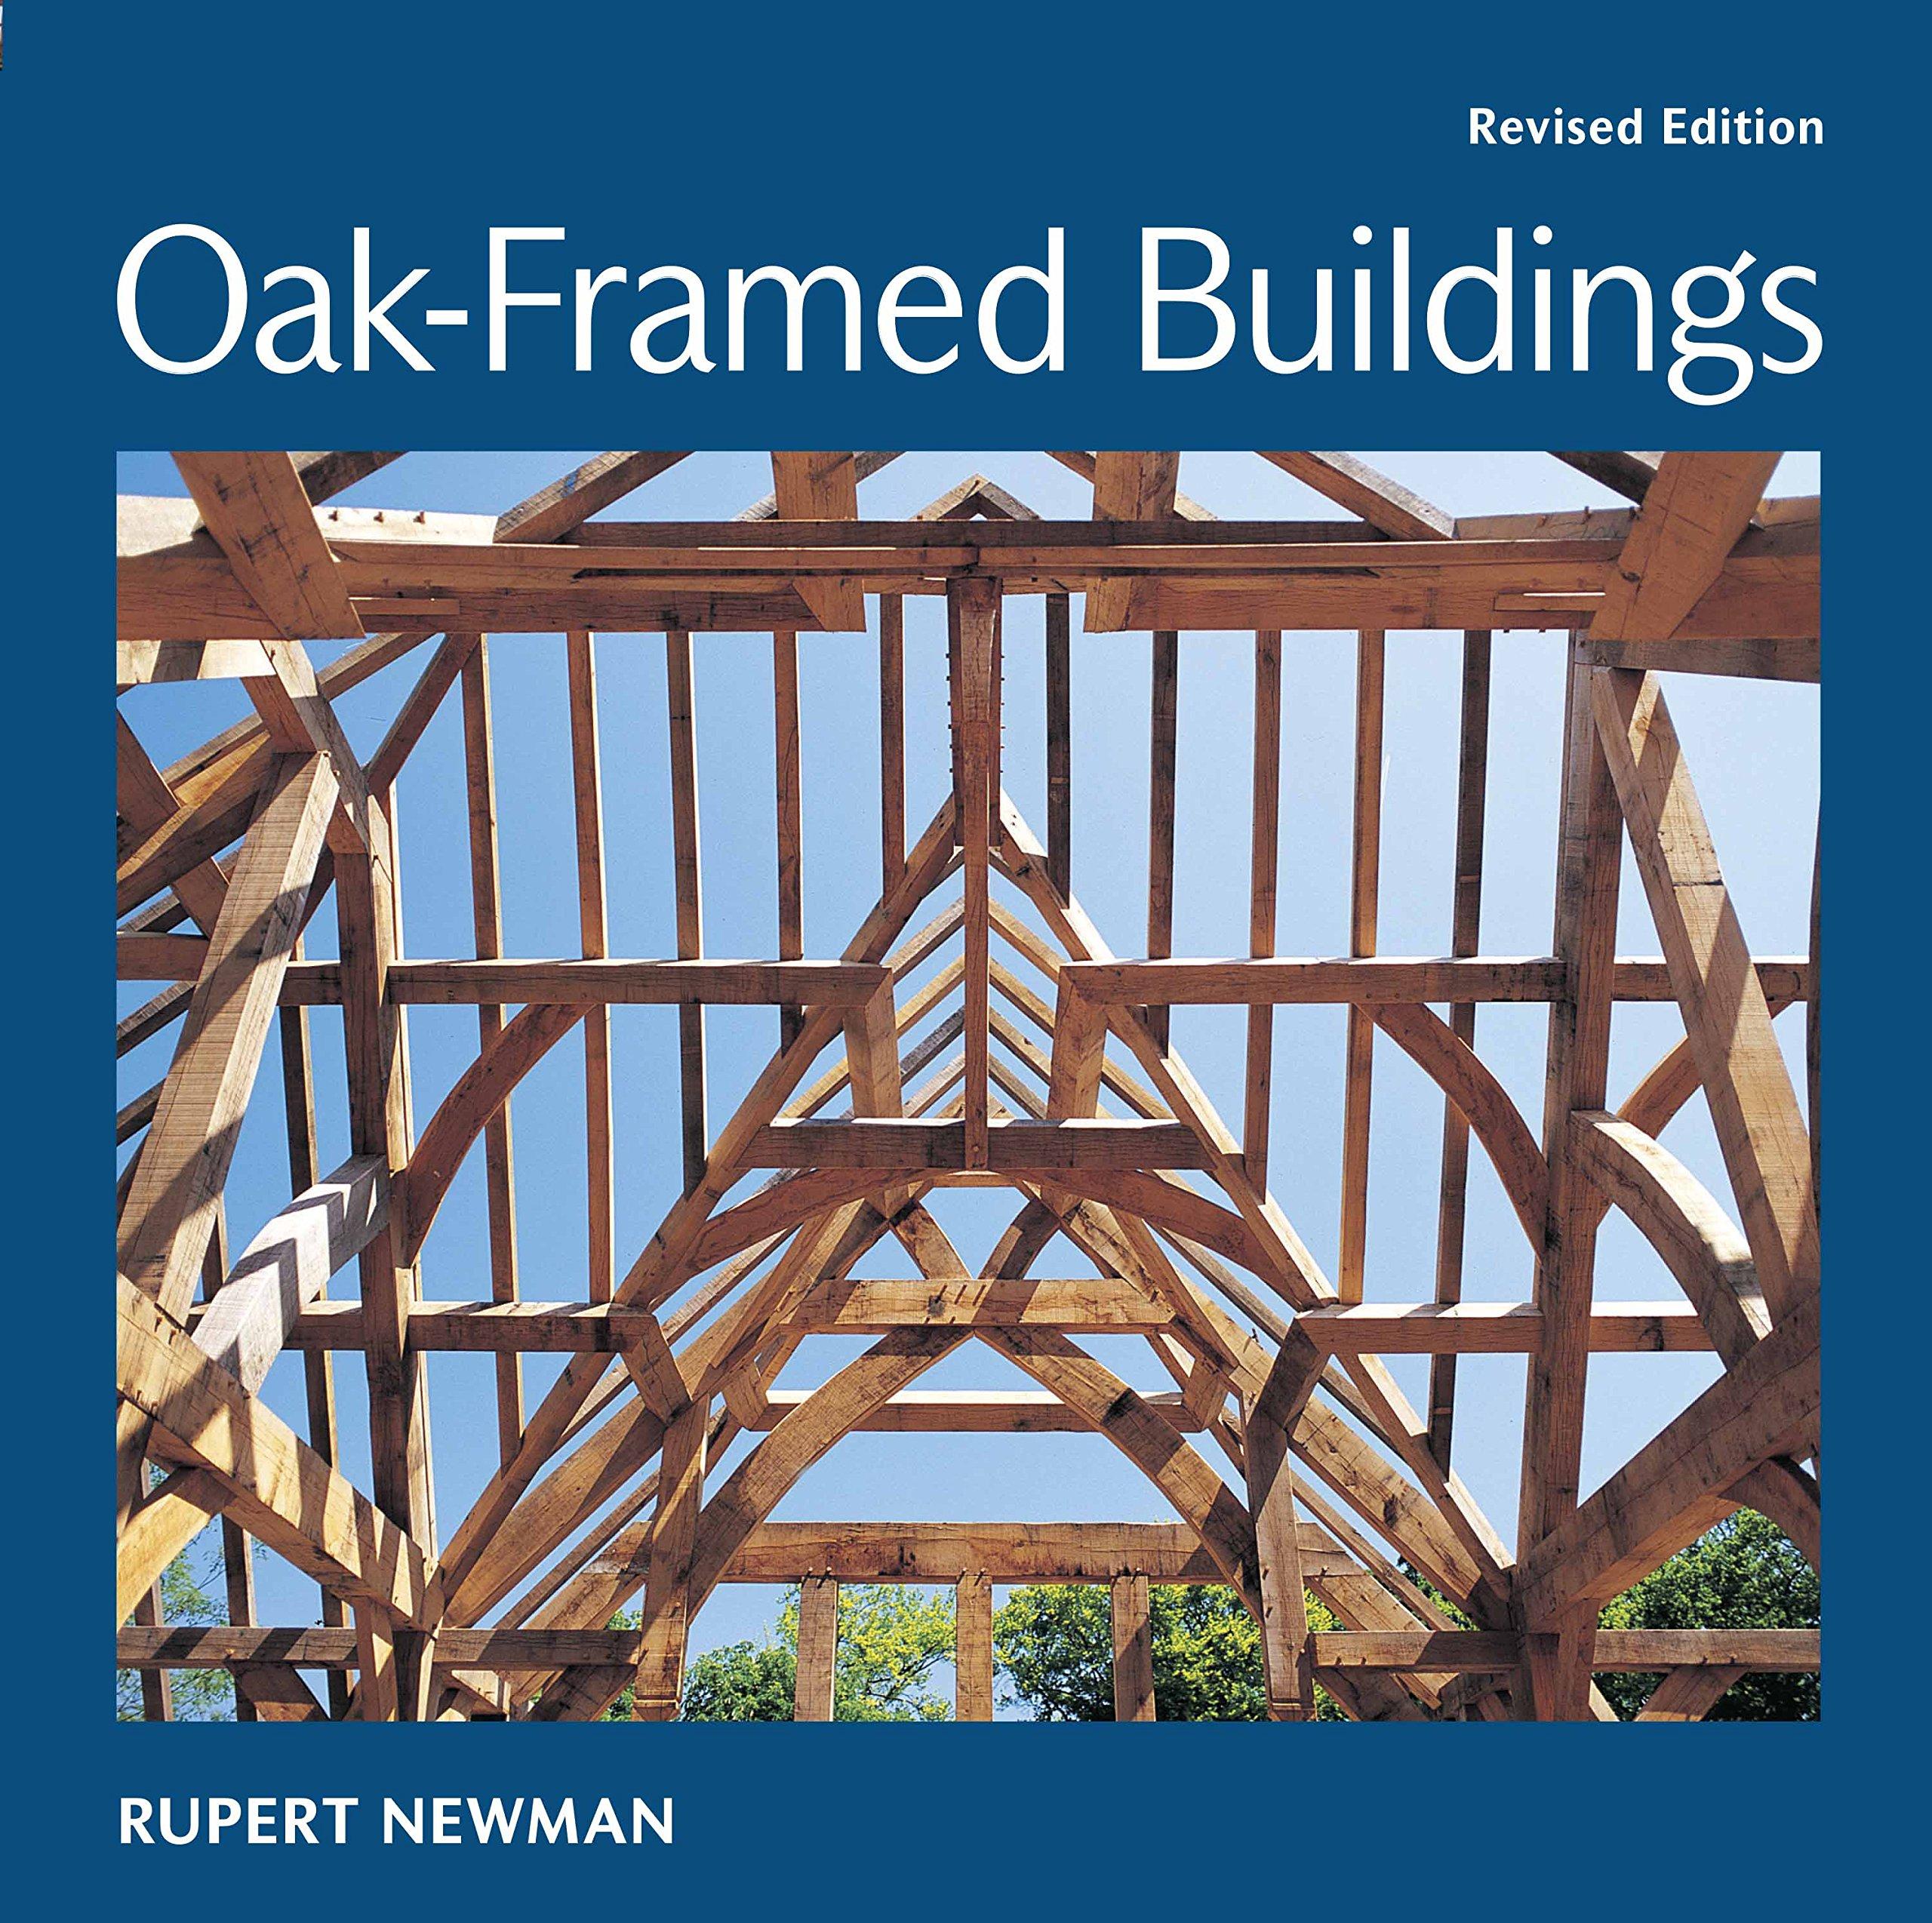 Dating oak framed buildings